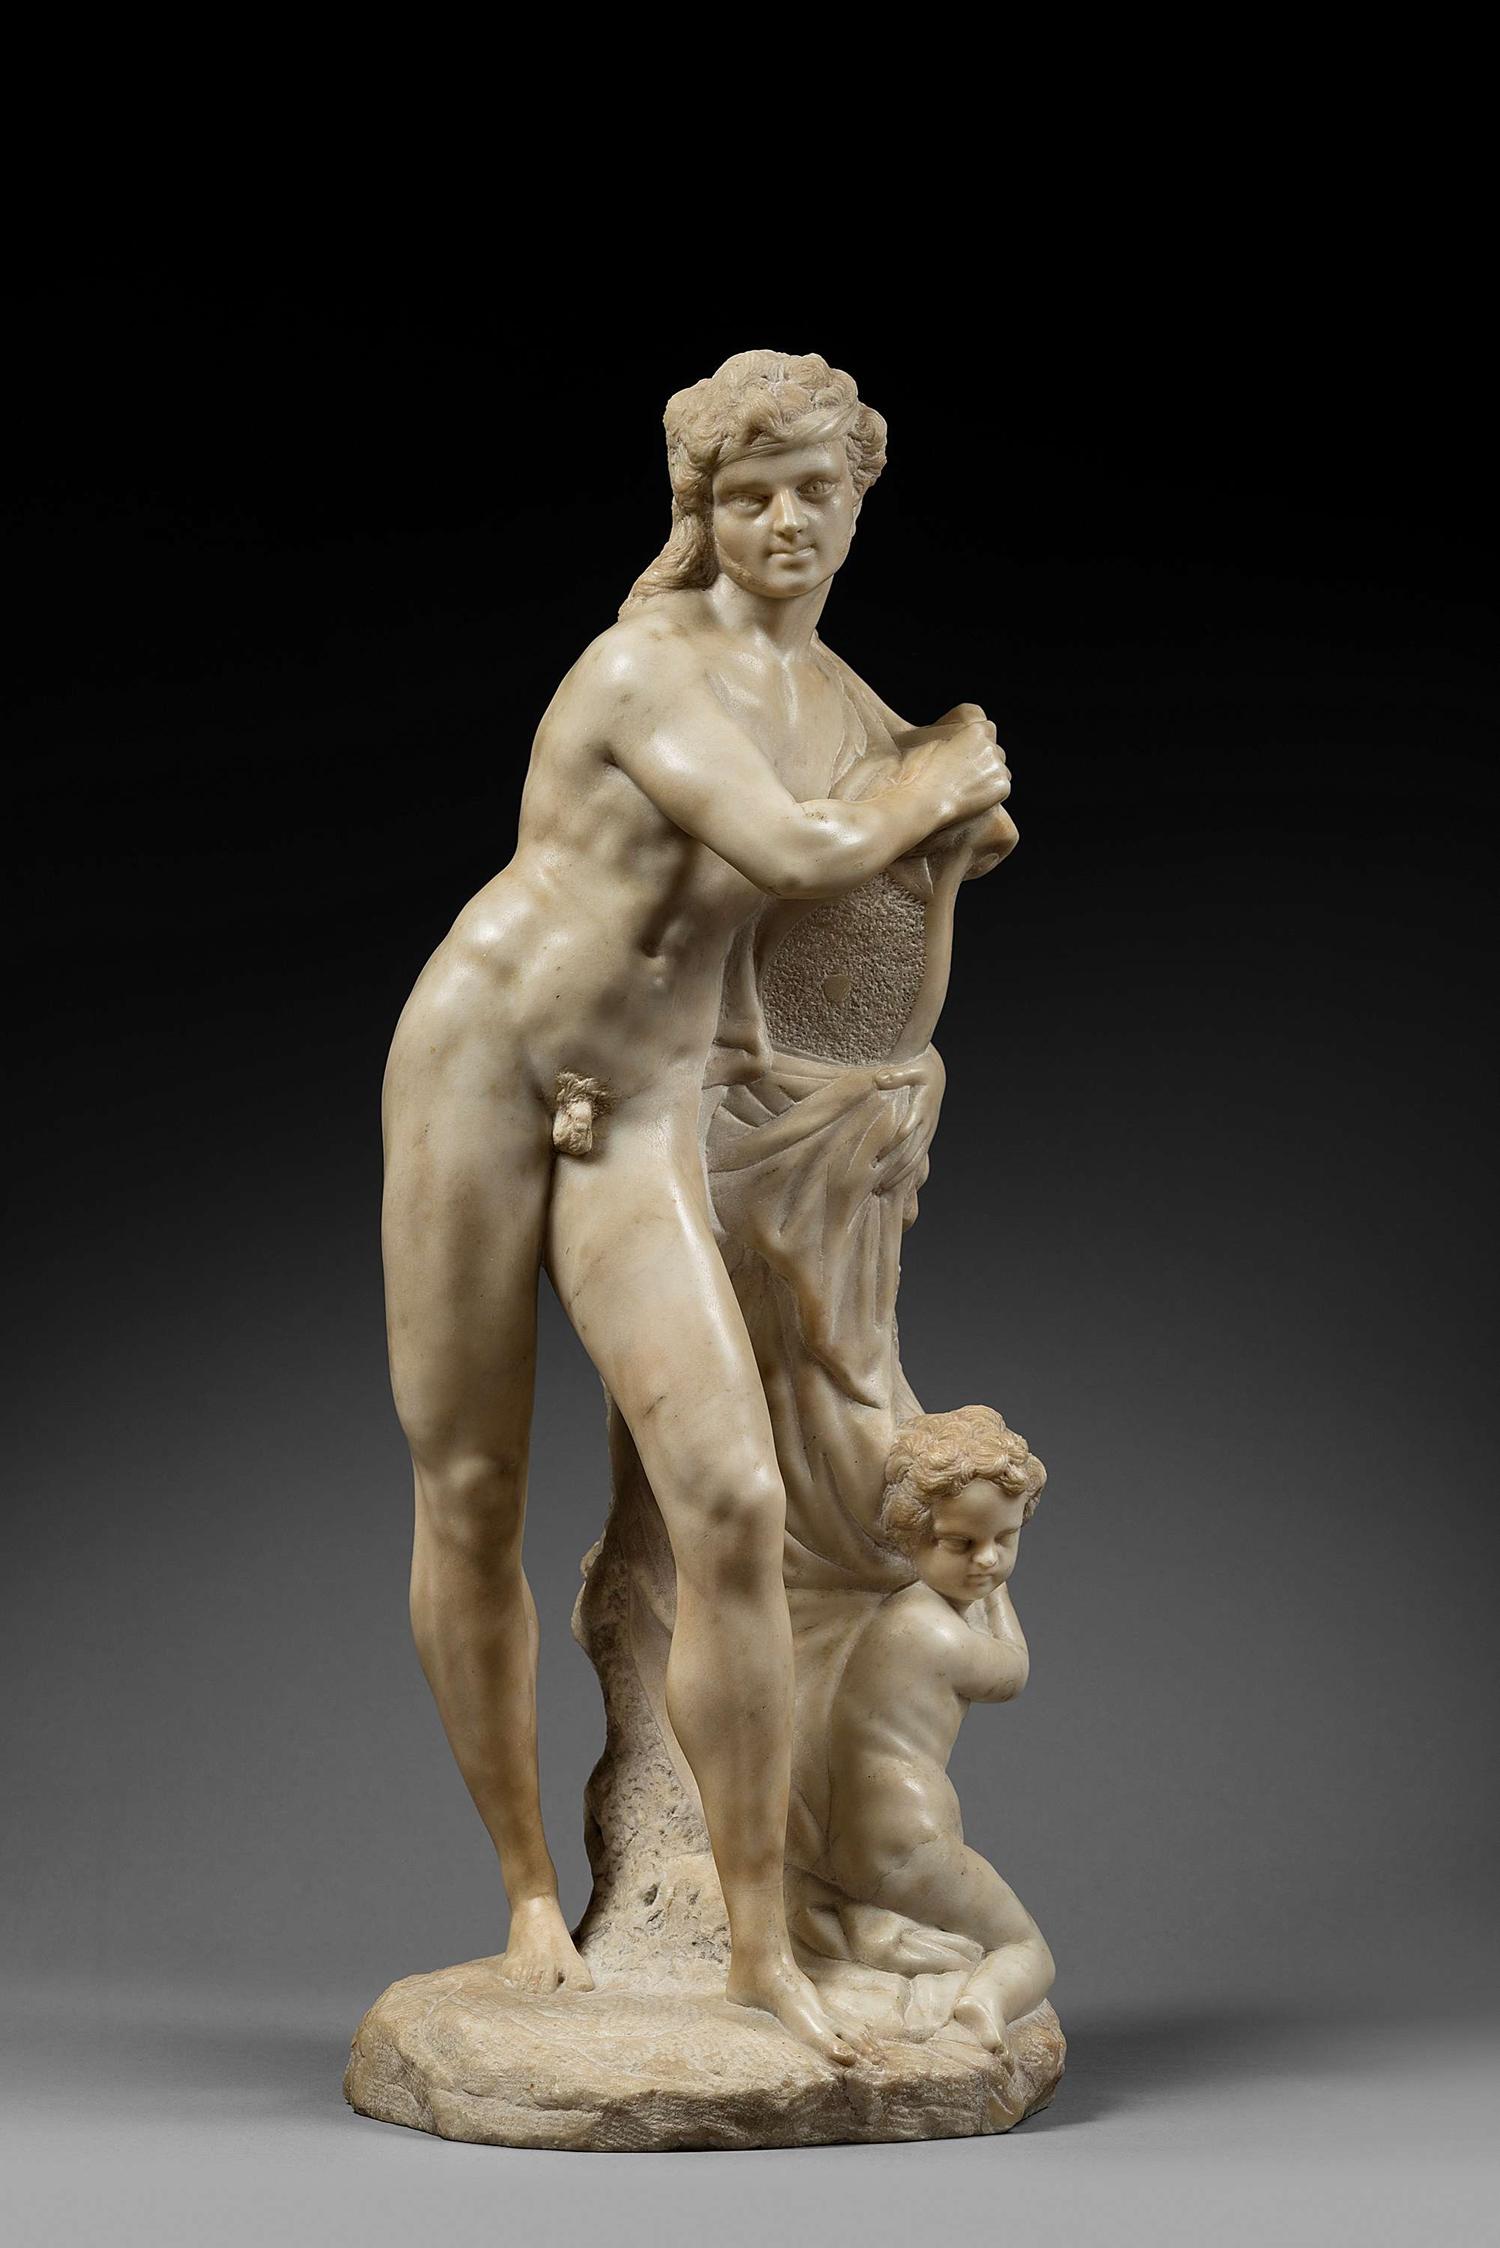 FRANCESCO BERTOS ( 1678 - 1741 )  APOLLO VENICE CIRCA 1700